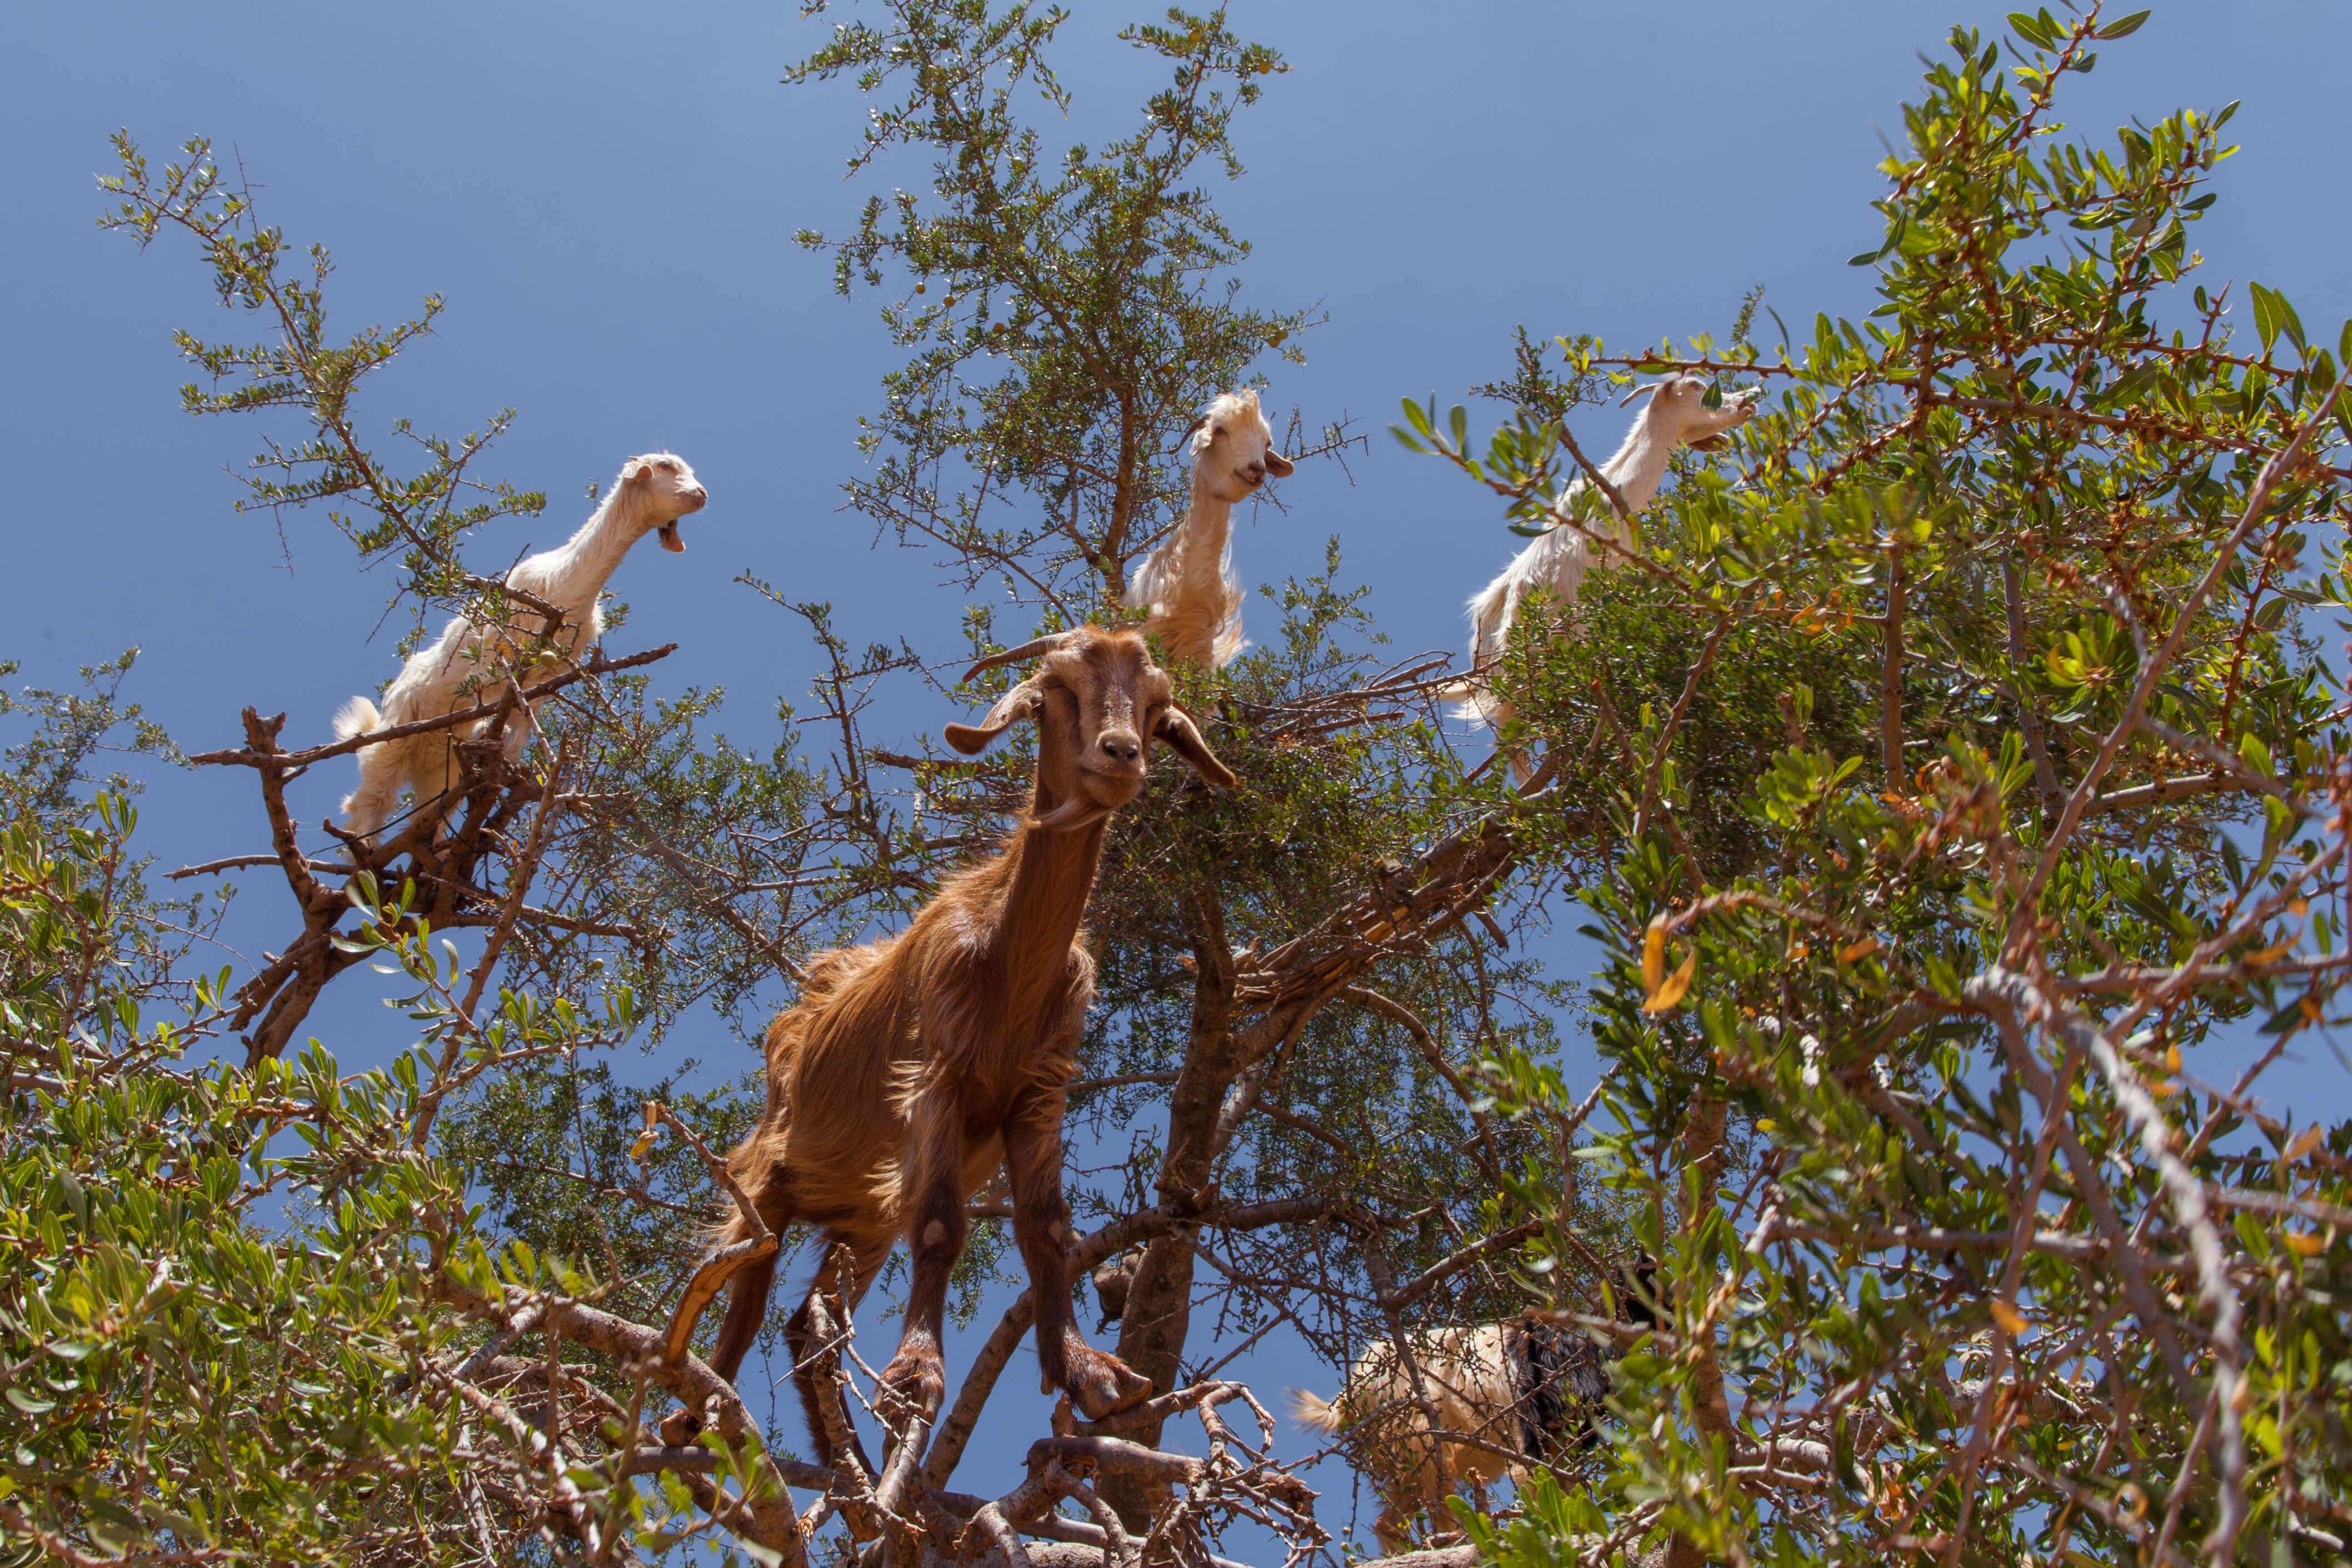 Une escapade au cœur de la campagne marocaine vous fera rencontrer des scènes insolites comme ces chèvres perchées dans les arganiers.